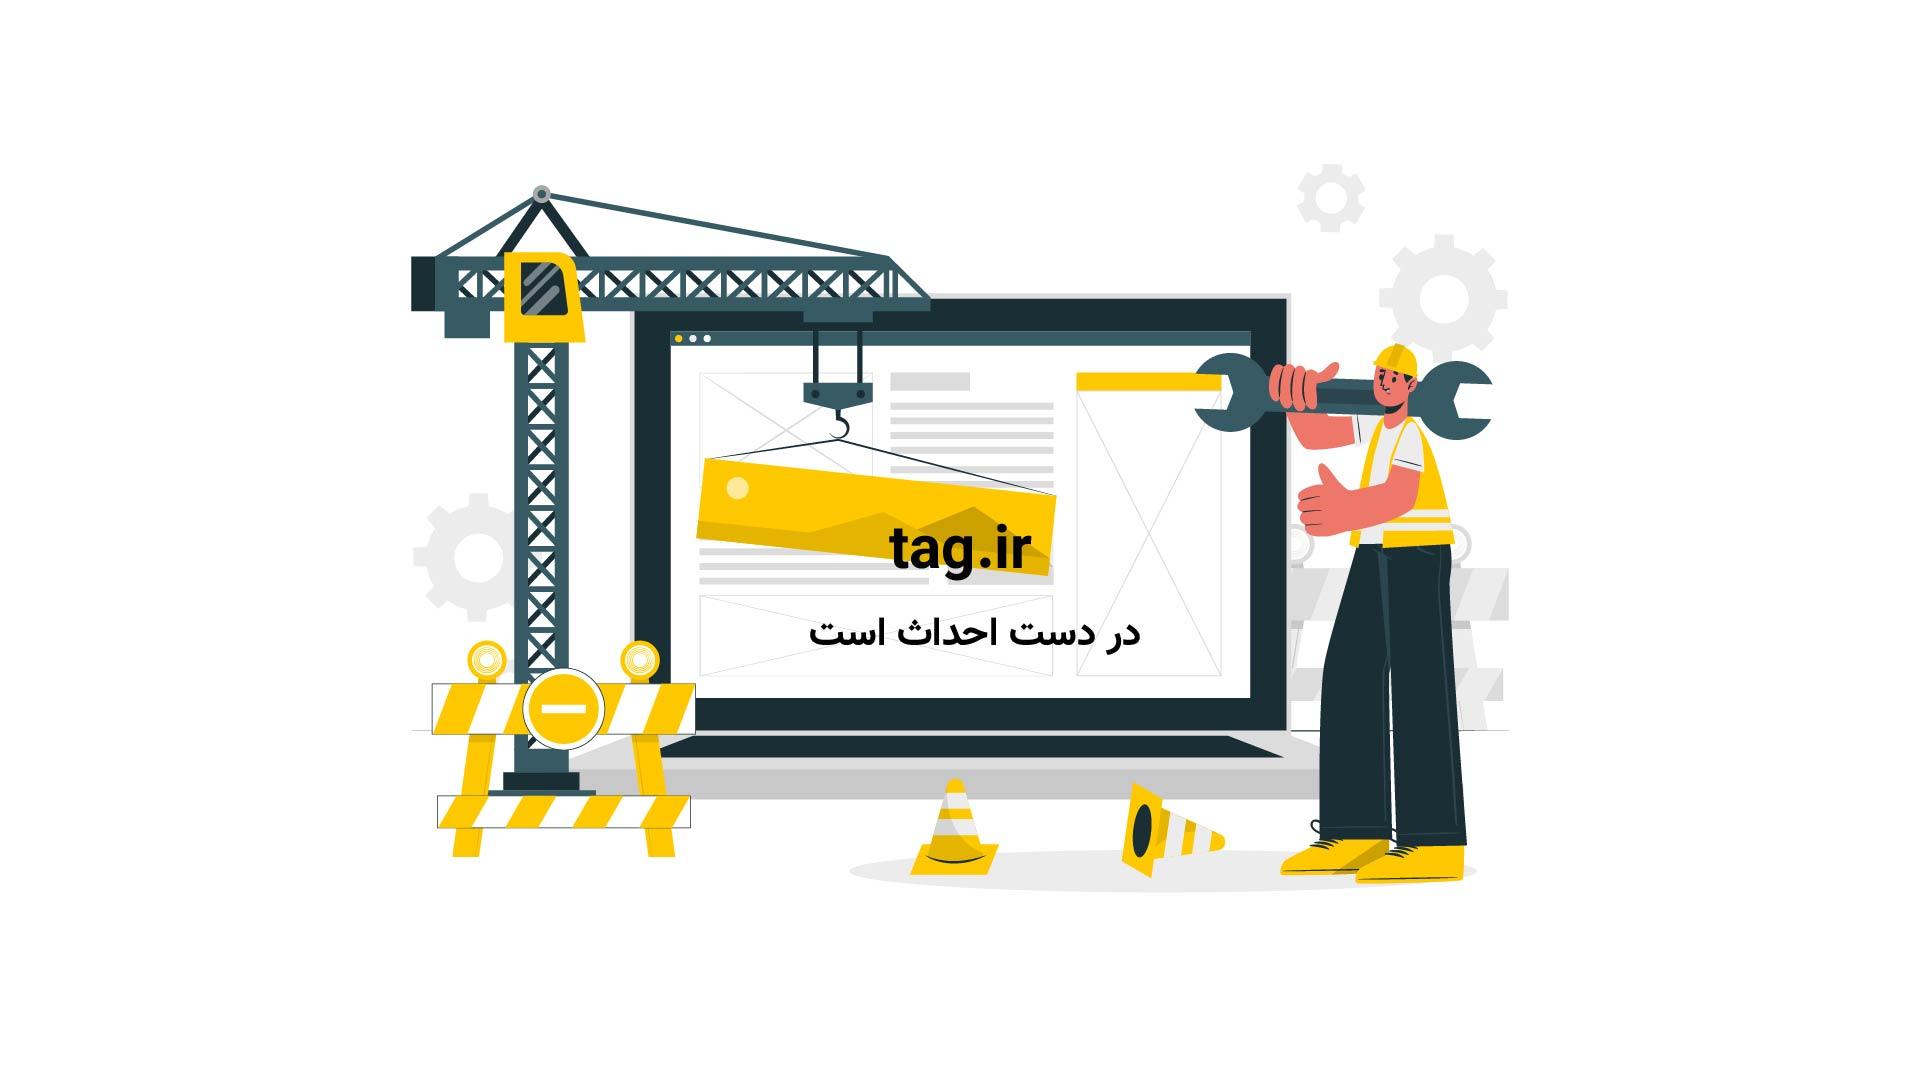 جایزه نوبل پزشکی ۲۰۱۶ به دانشمندی از ژاپن رسید + فیلم